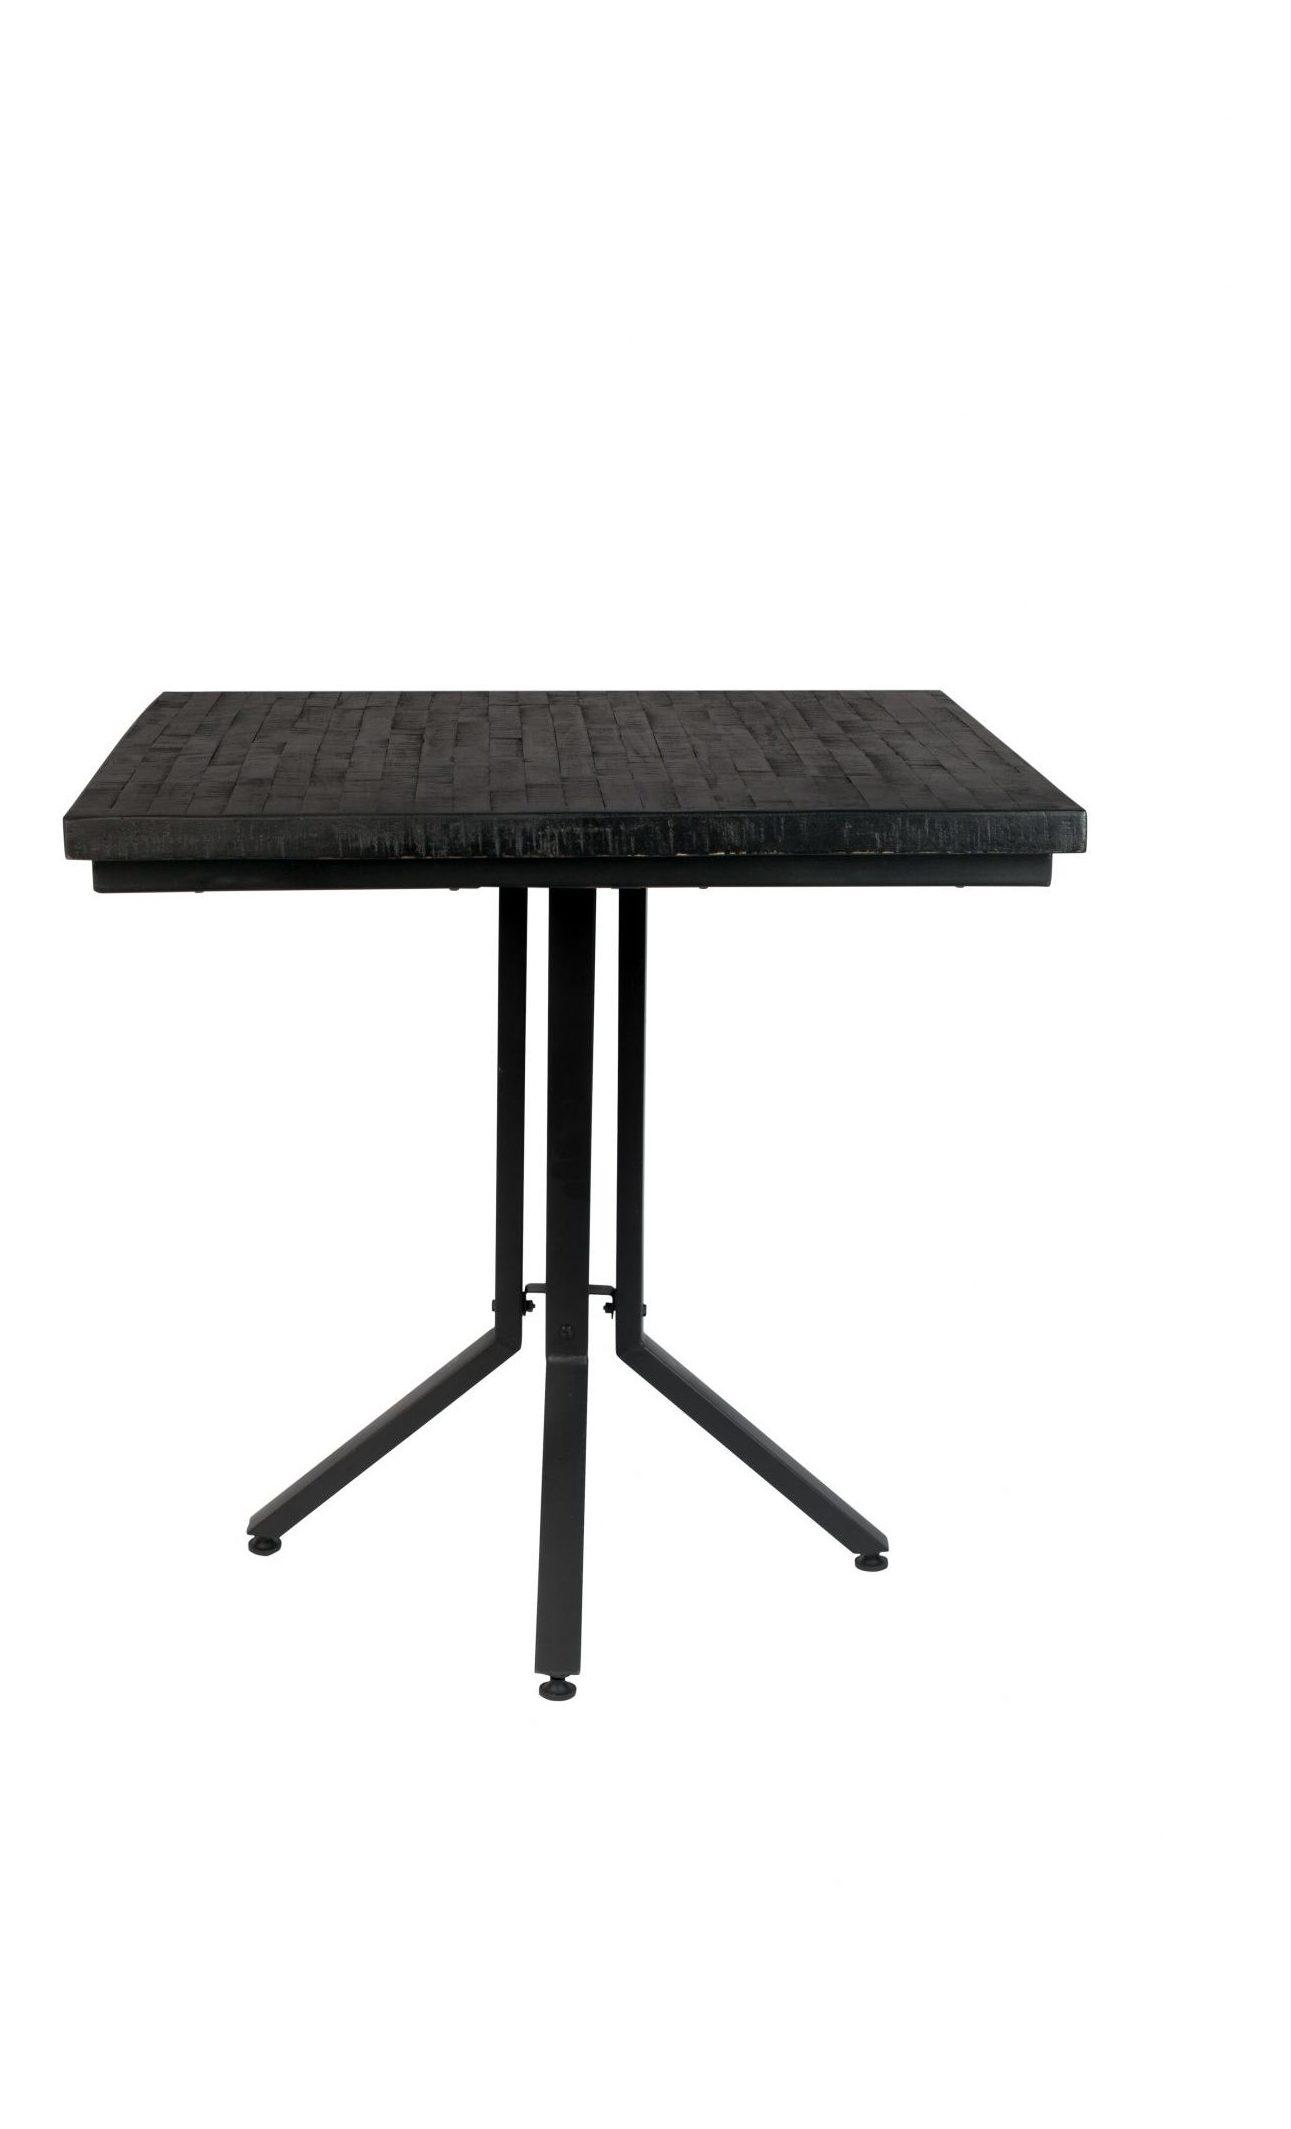 Industriele Vierkante Tafel.Zilt Industriele Vierkante Eettafel Dinelson 75 X 75cm Meubelpartner